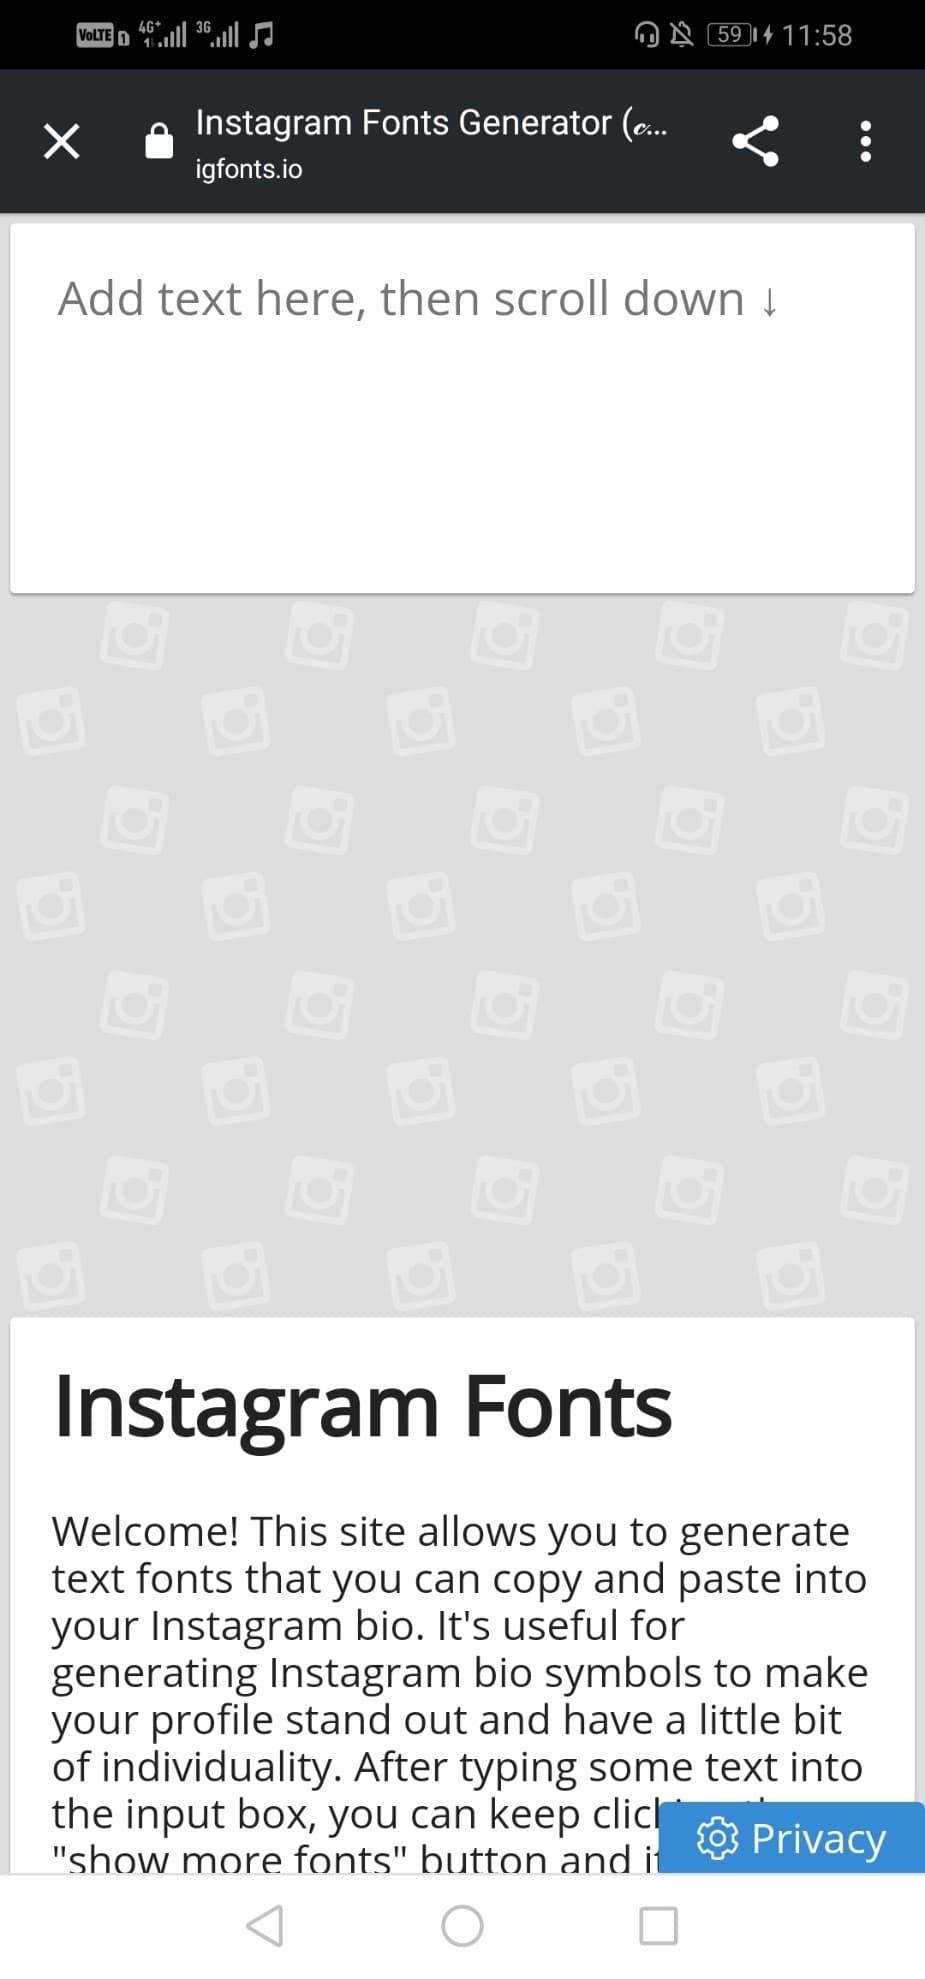 سایت igfonts.io برای استایل فونت اینستاگرام